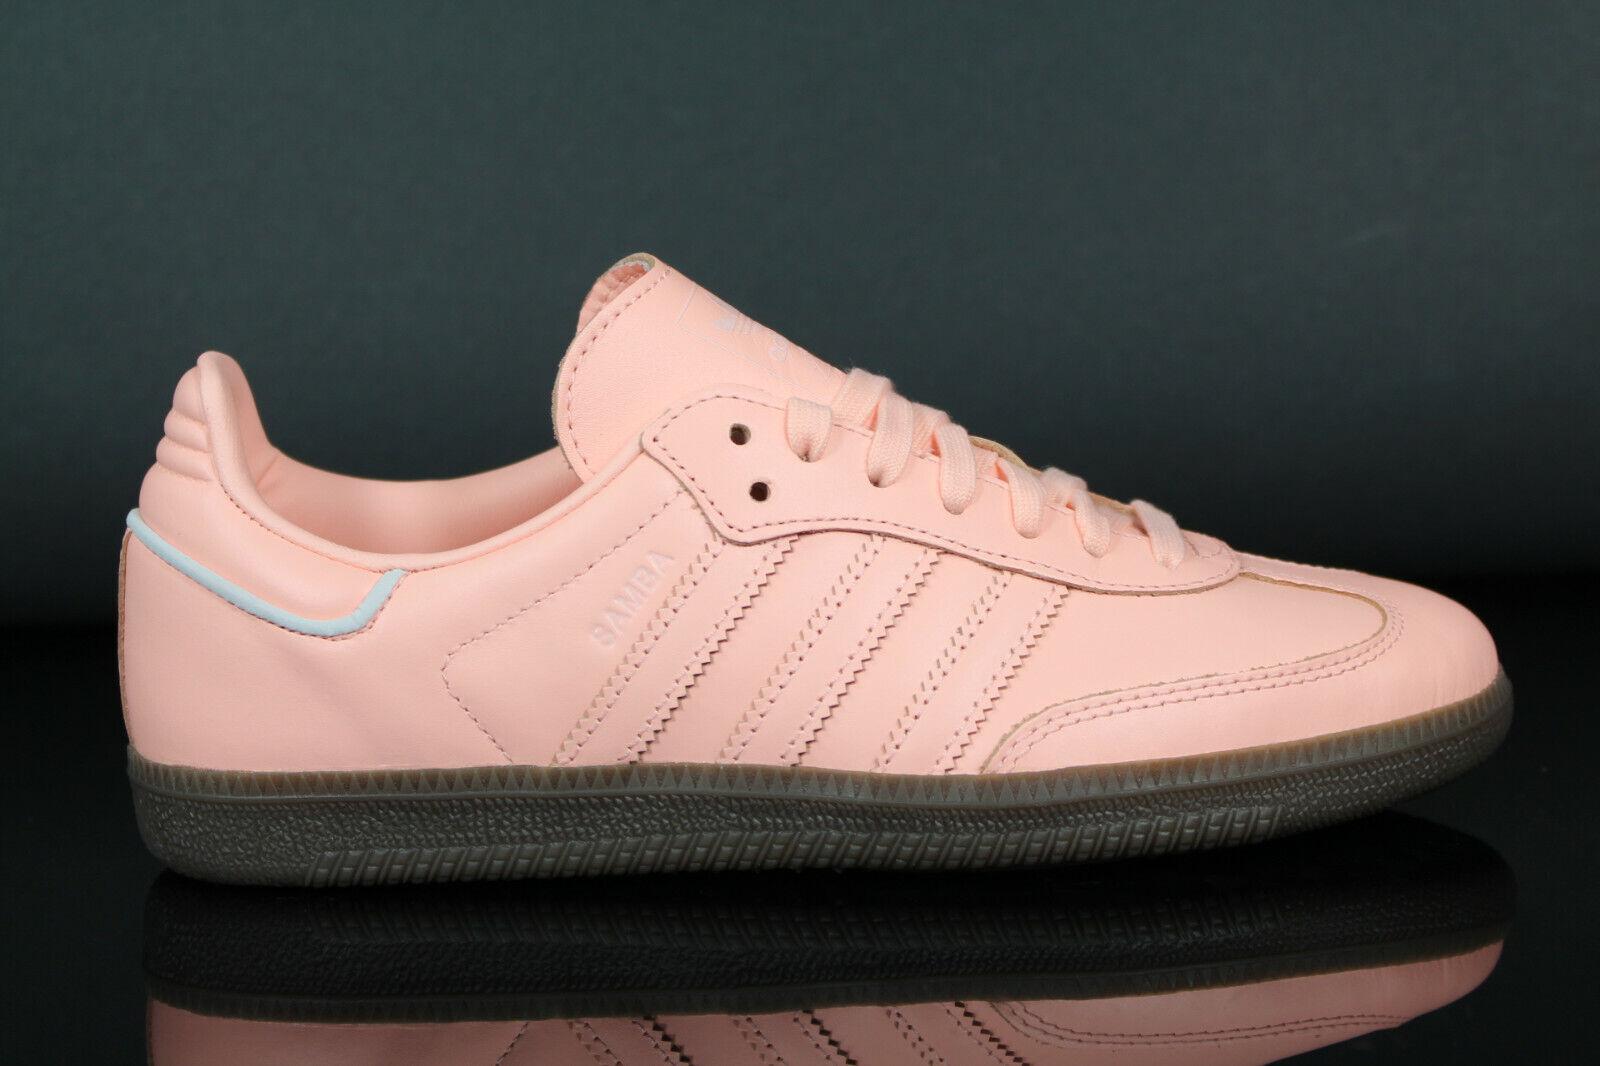 Neu adidas Originals Samba OG W Damen Turnschuhe Sportschuhe Schuhe B44691 Leder